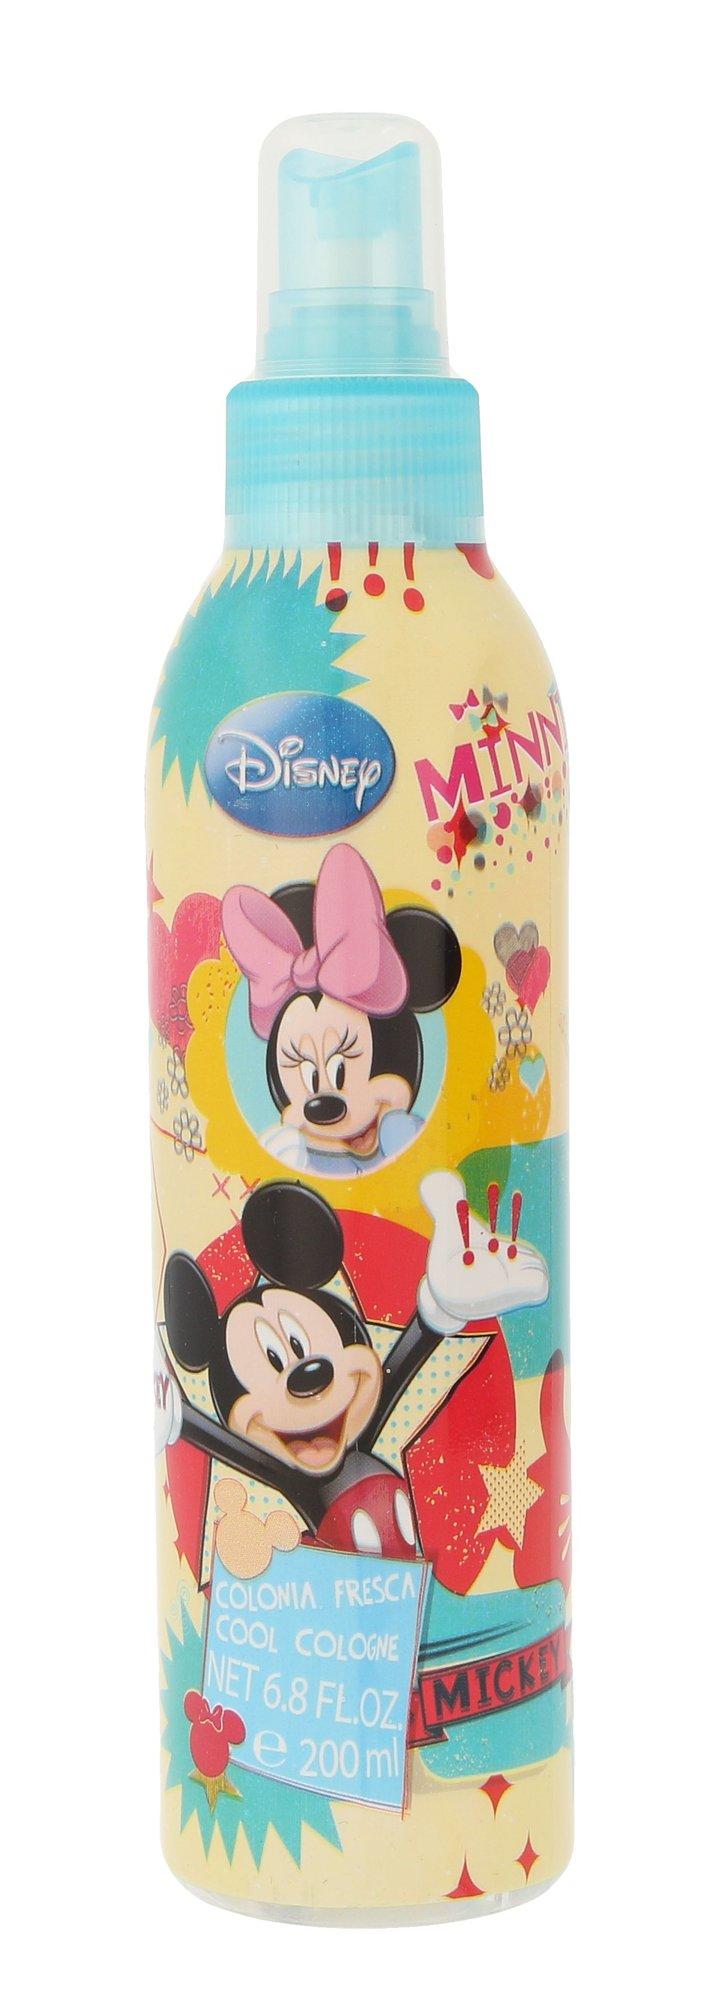 Disney Mickey & Minnie Tělový spray 200ml